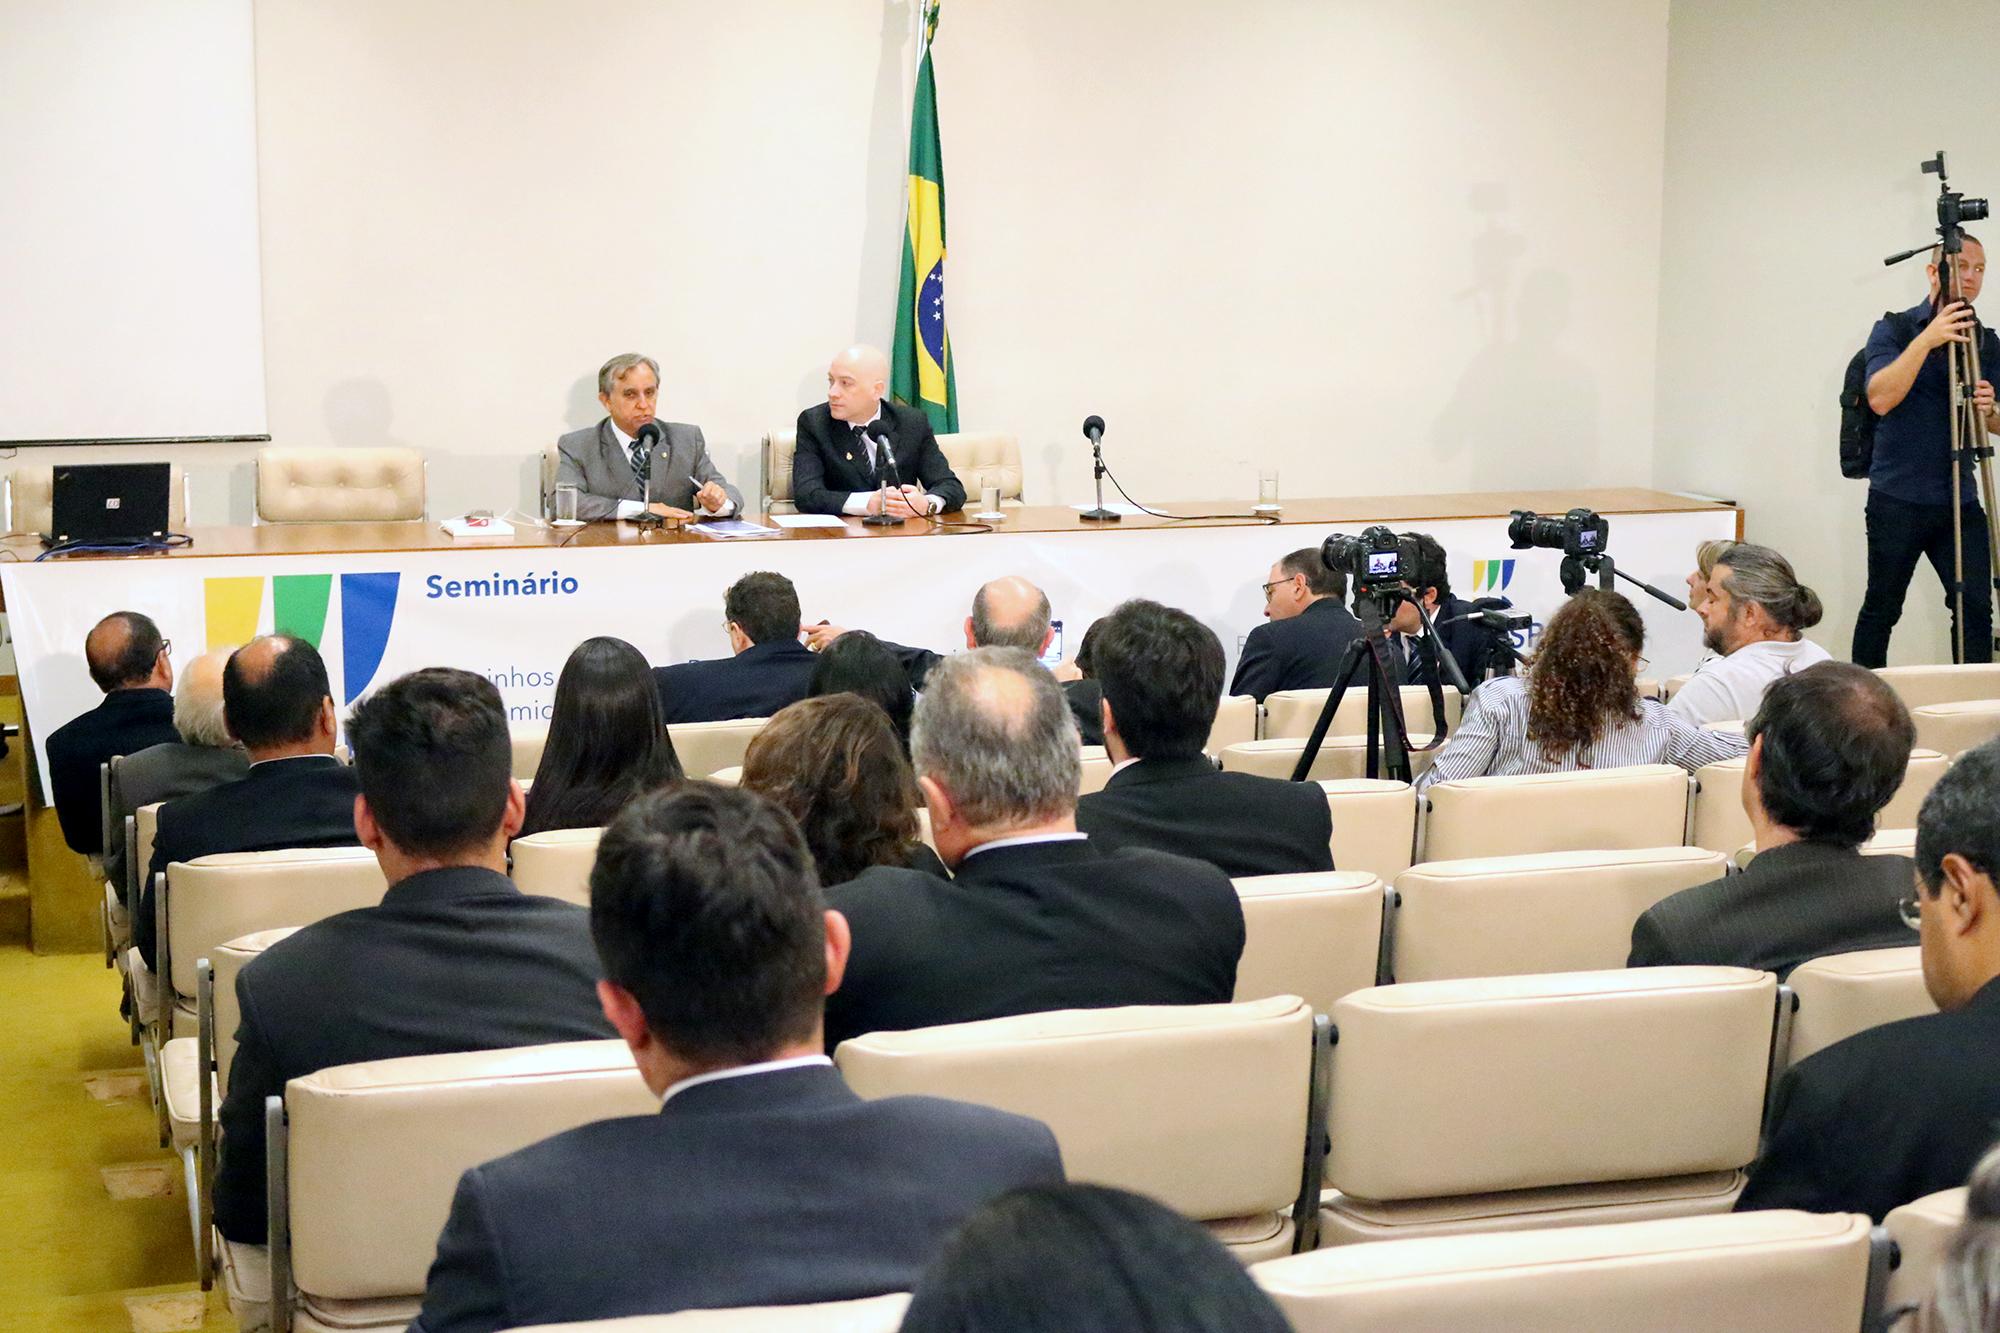 Deputado Federal Izalci Lucas ao lado do Diretor de Assuntos Parlamentares e Articulação Institucional da ANESP,Vinicius Barile. Foto: Filipe Calmon / ANESP